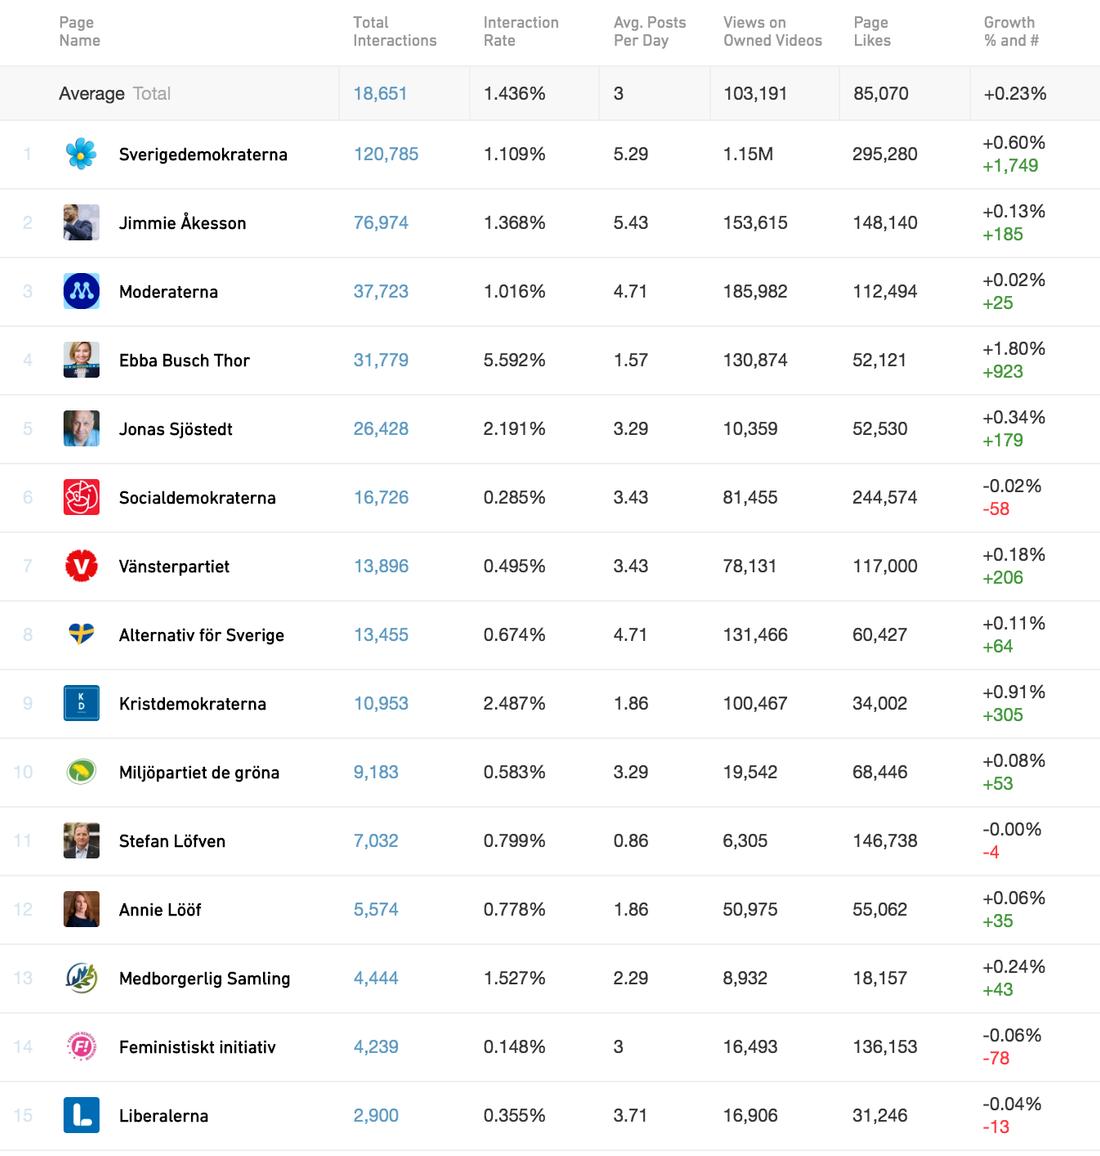 Facebook-interaktioner (likes, kommentarer, delningar) för de politiska partierna och partiledarna de senaste sju dagarna, enligt Crowdtangle. Sverigedemokraterna fortsätter att väcka mest engagemang – de samlar fler interaktioner än alla de andra partier tillsammans.